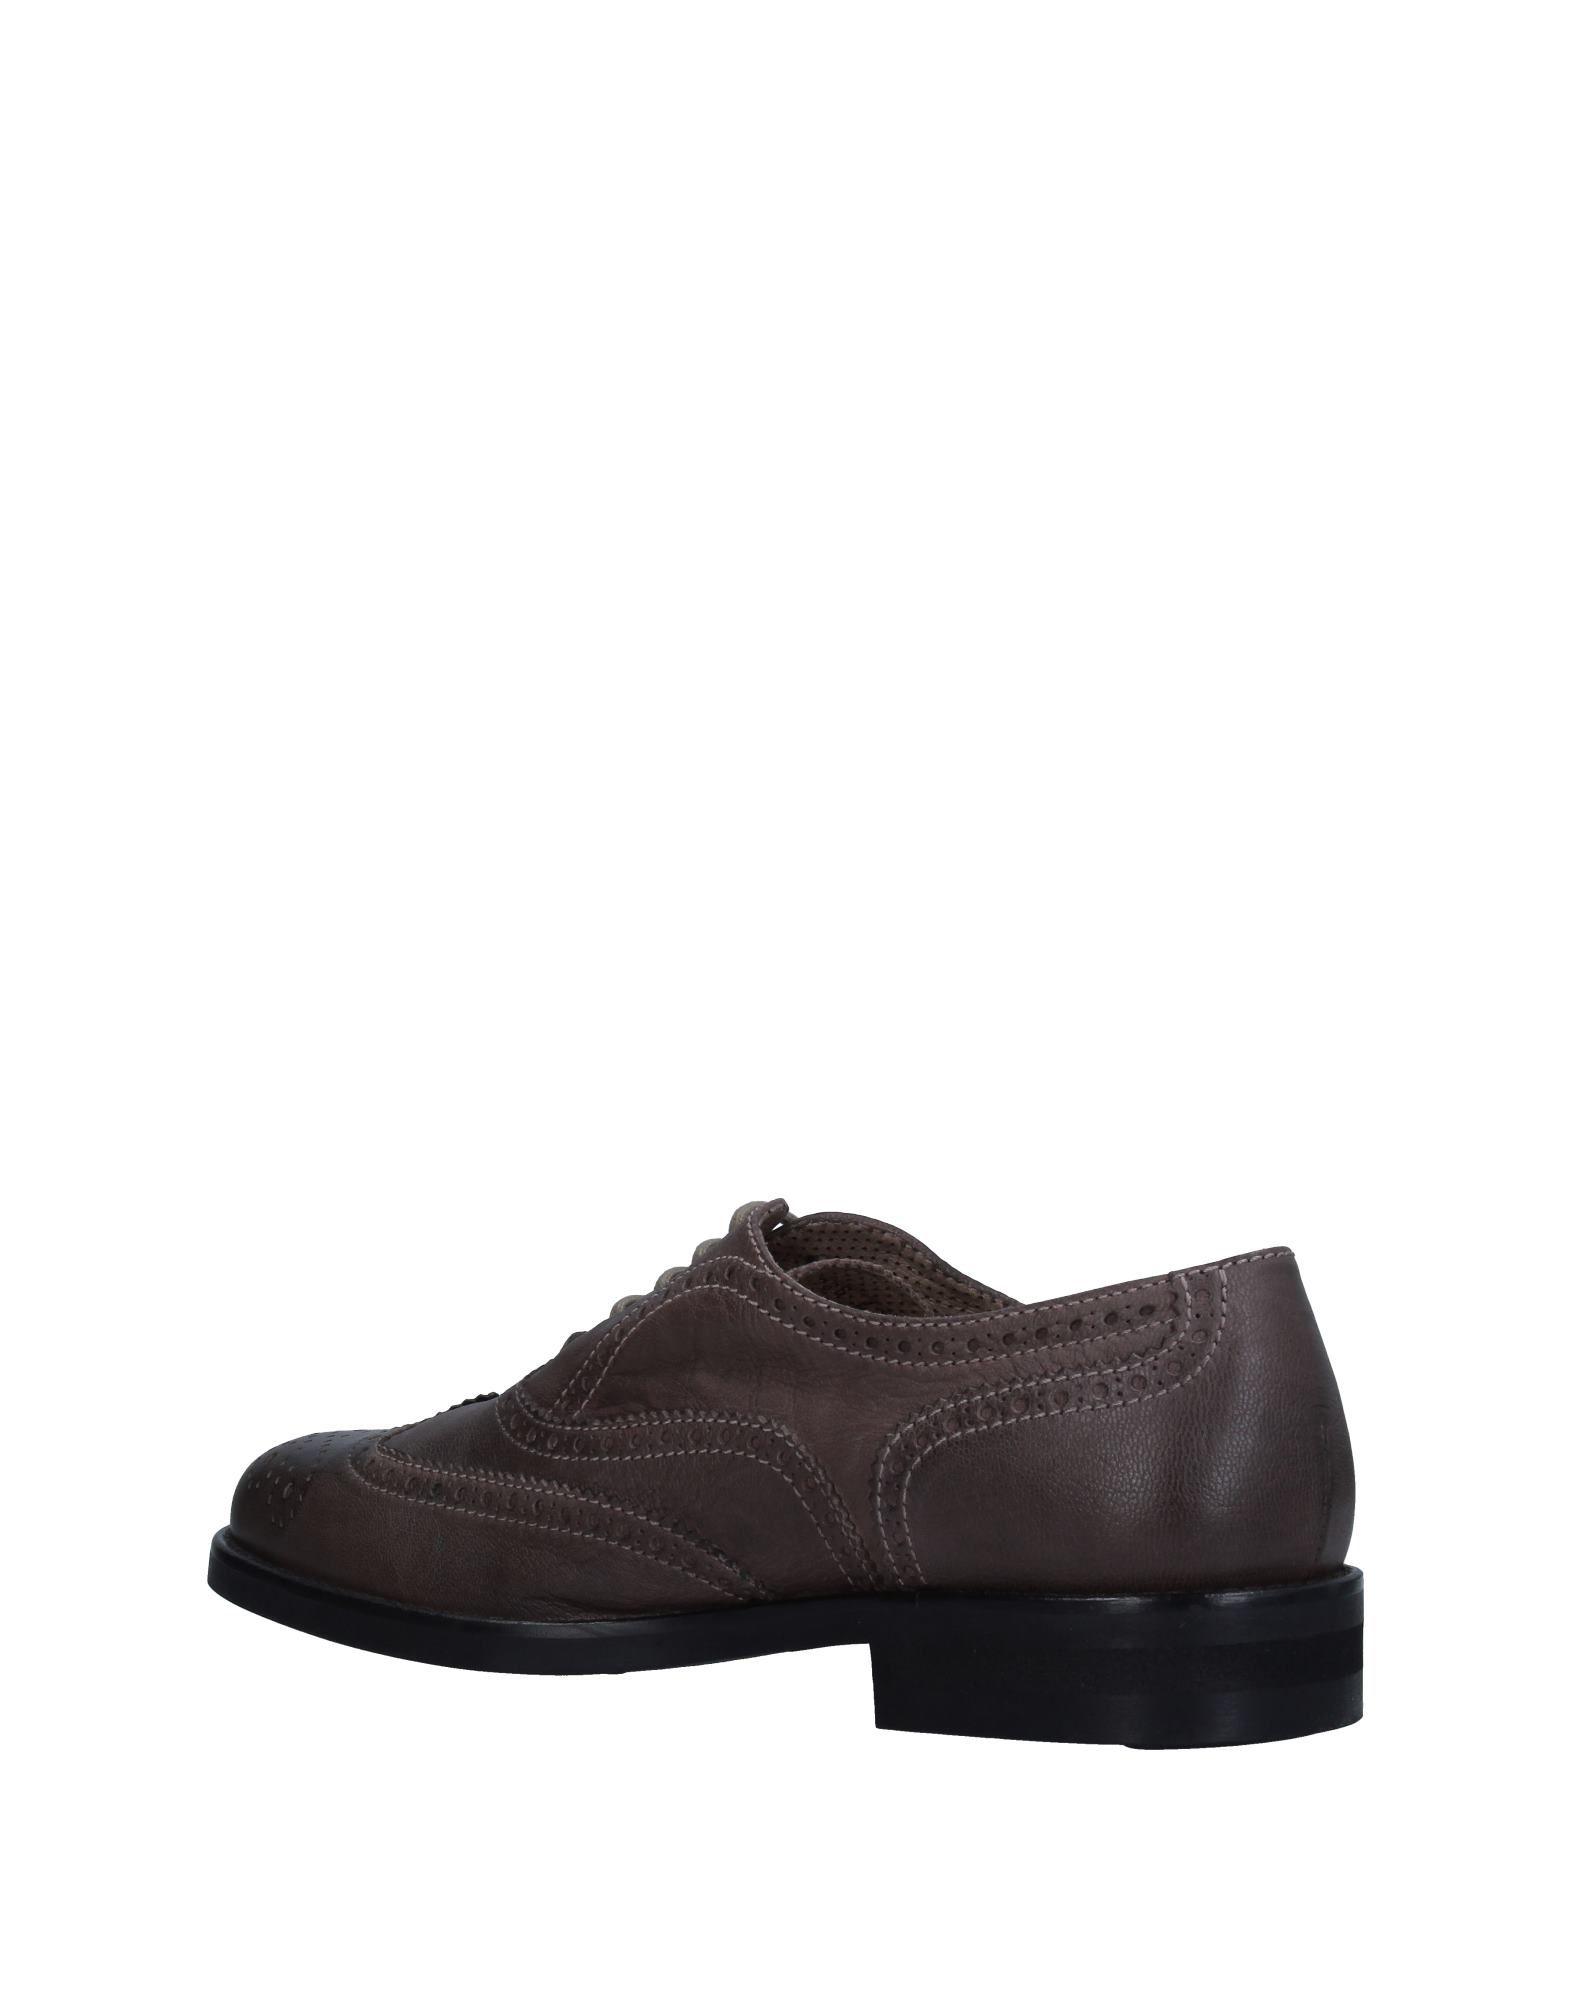 Rabatt echte Schuhe Please Walk Schnürschuhe Herren  11337631WU